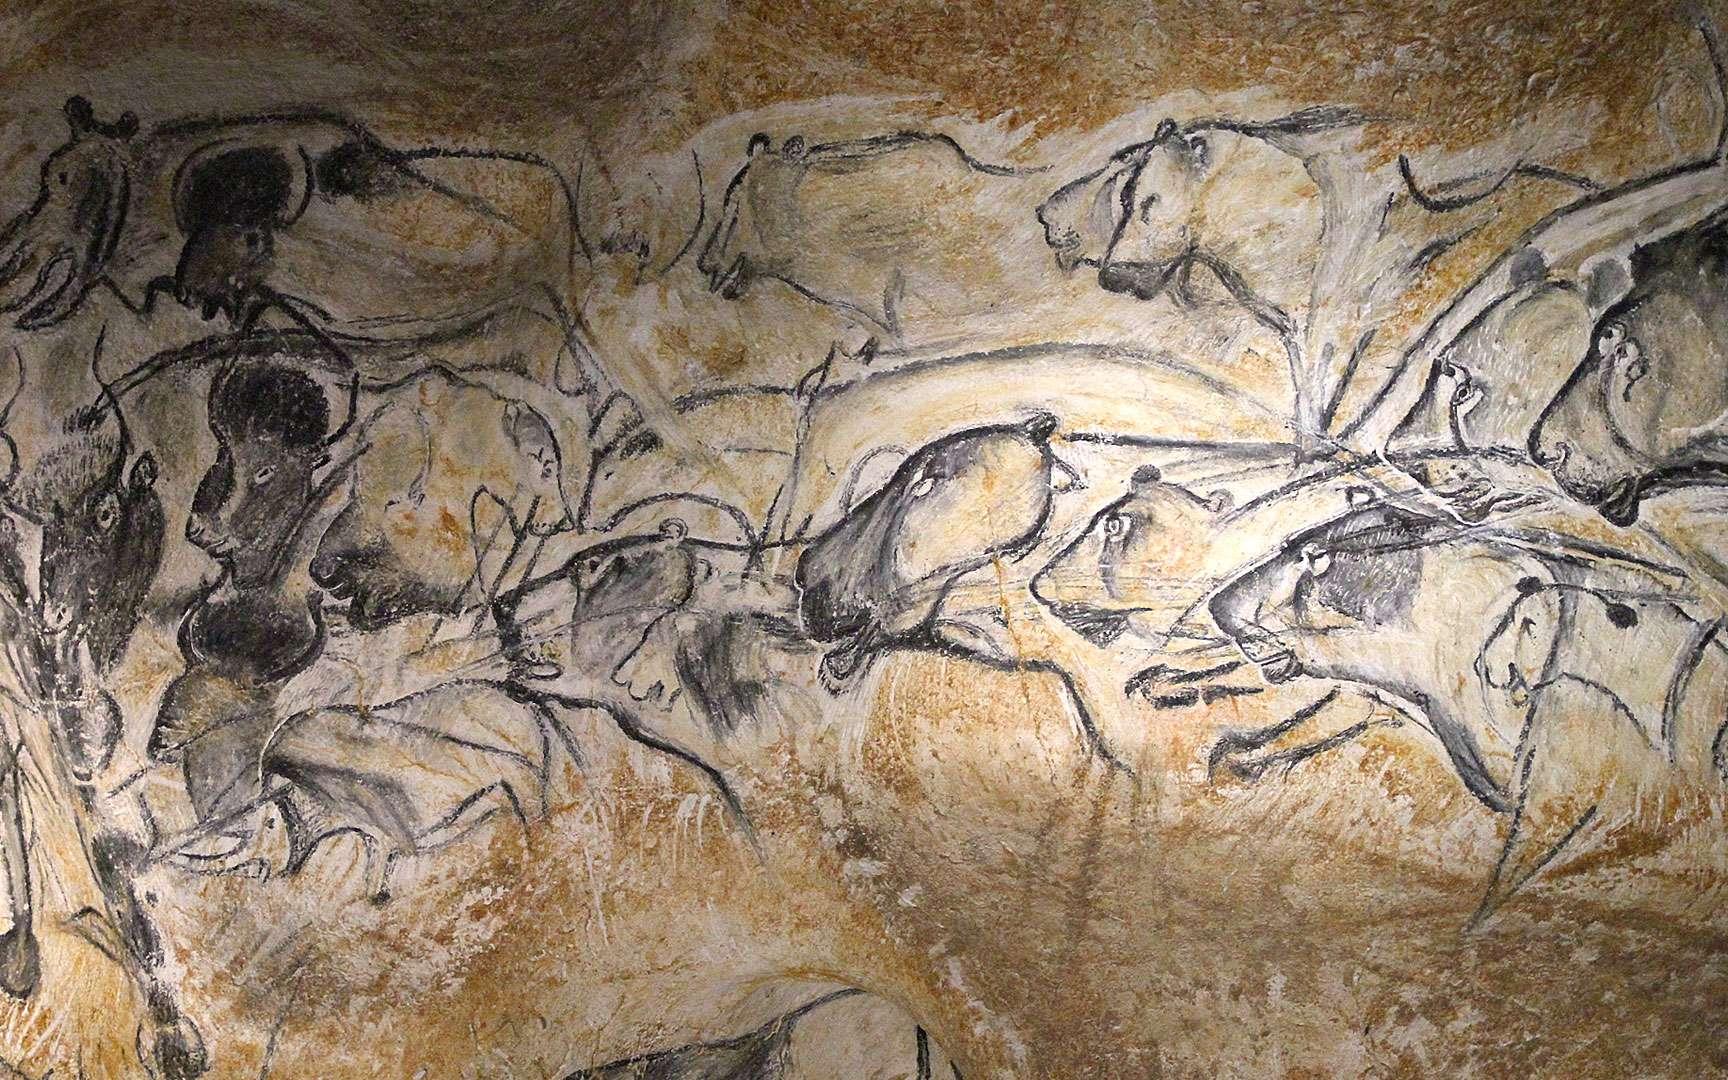 Fresque avec lionnes et rhinocéros, dans la grotte Chauvet, en France. © Claude Valette, CC by-nc 4.0